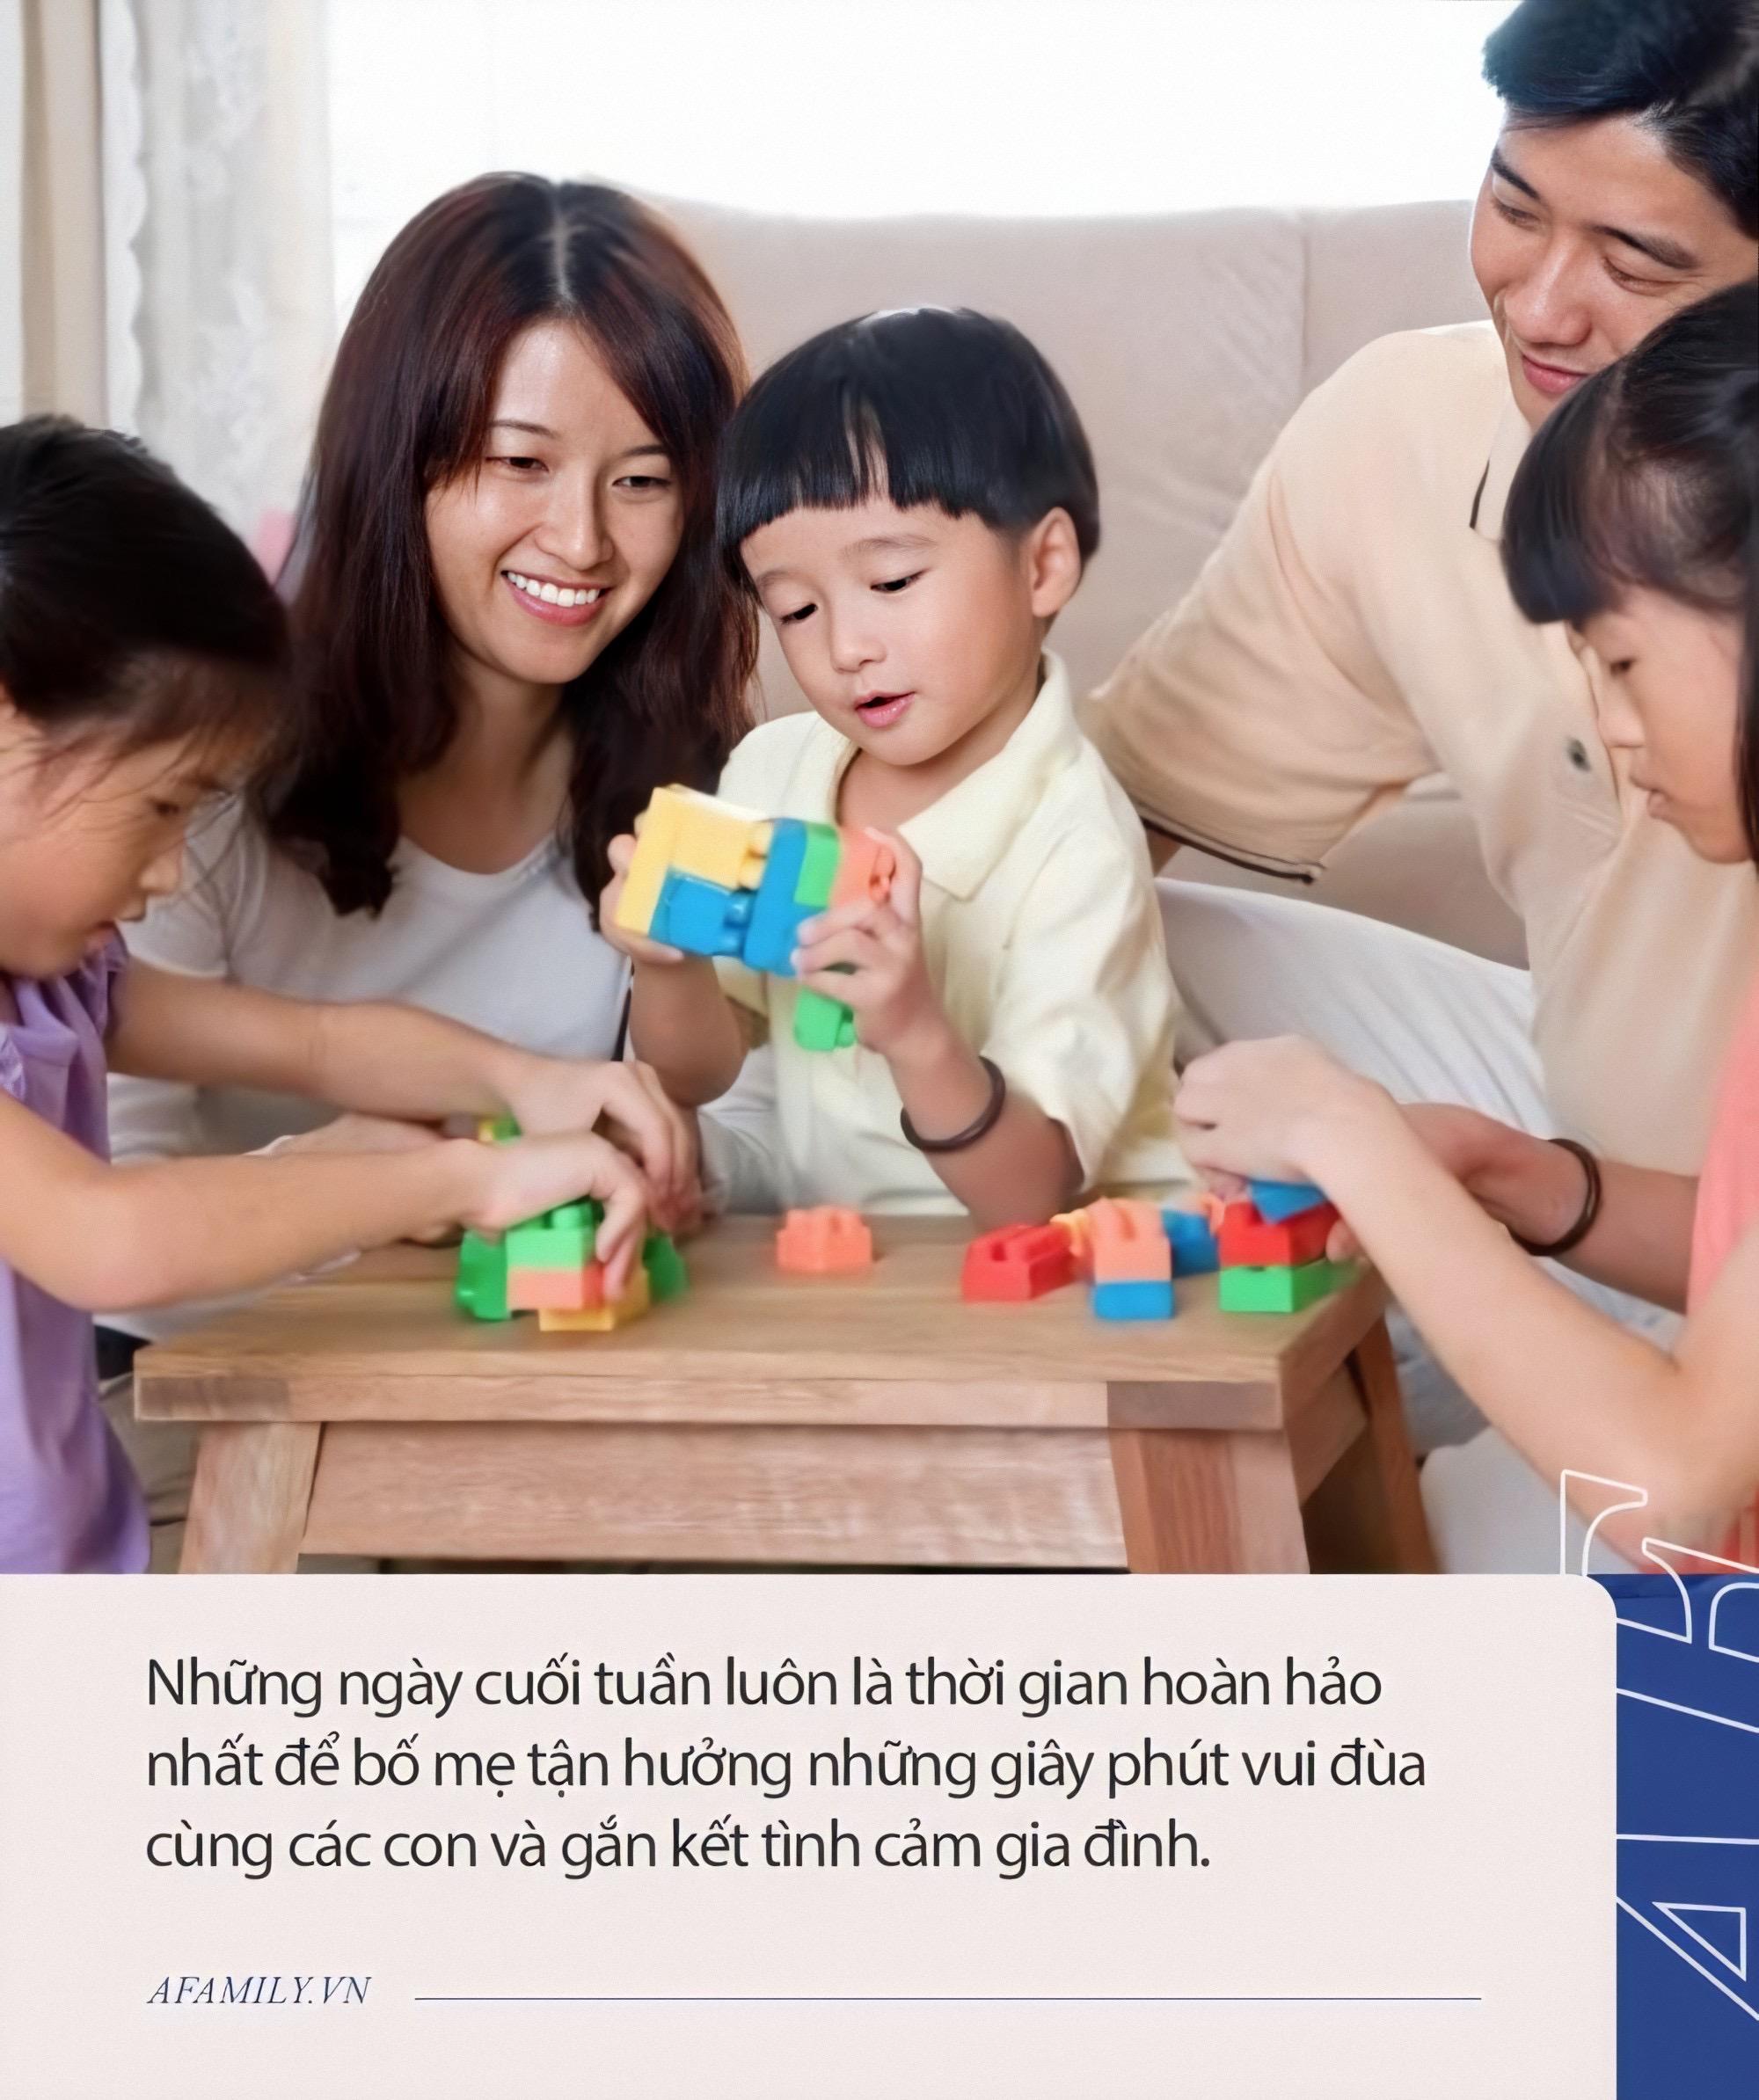 """Những trò chơi """"không tốn một xu"""" cho cuối tuần này: Vừa giúp con thông minh hơn vừa gắn kết cả nhà bằng những tràng cười thả ga - Ảnh 1."""